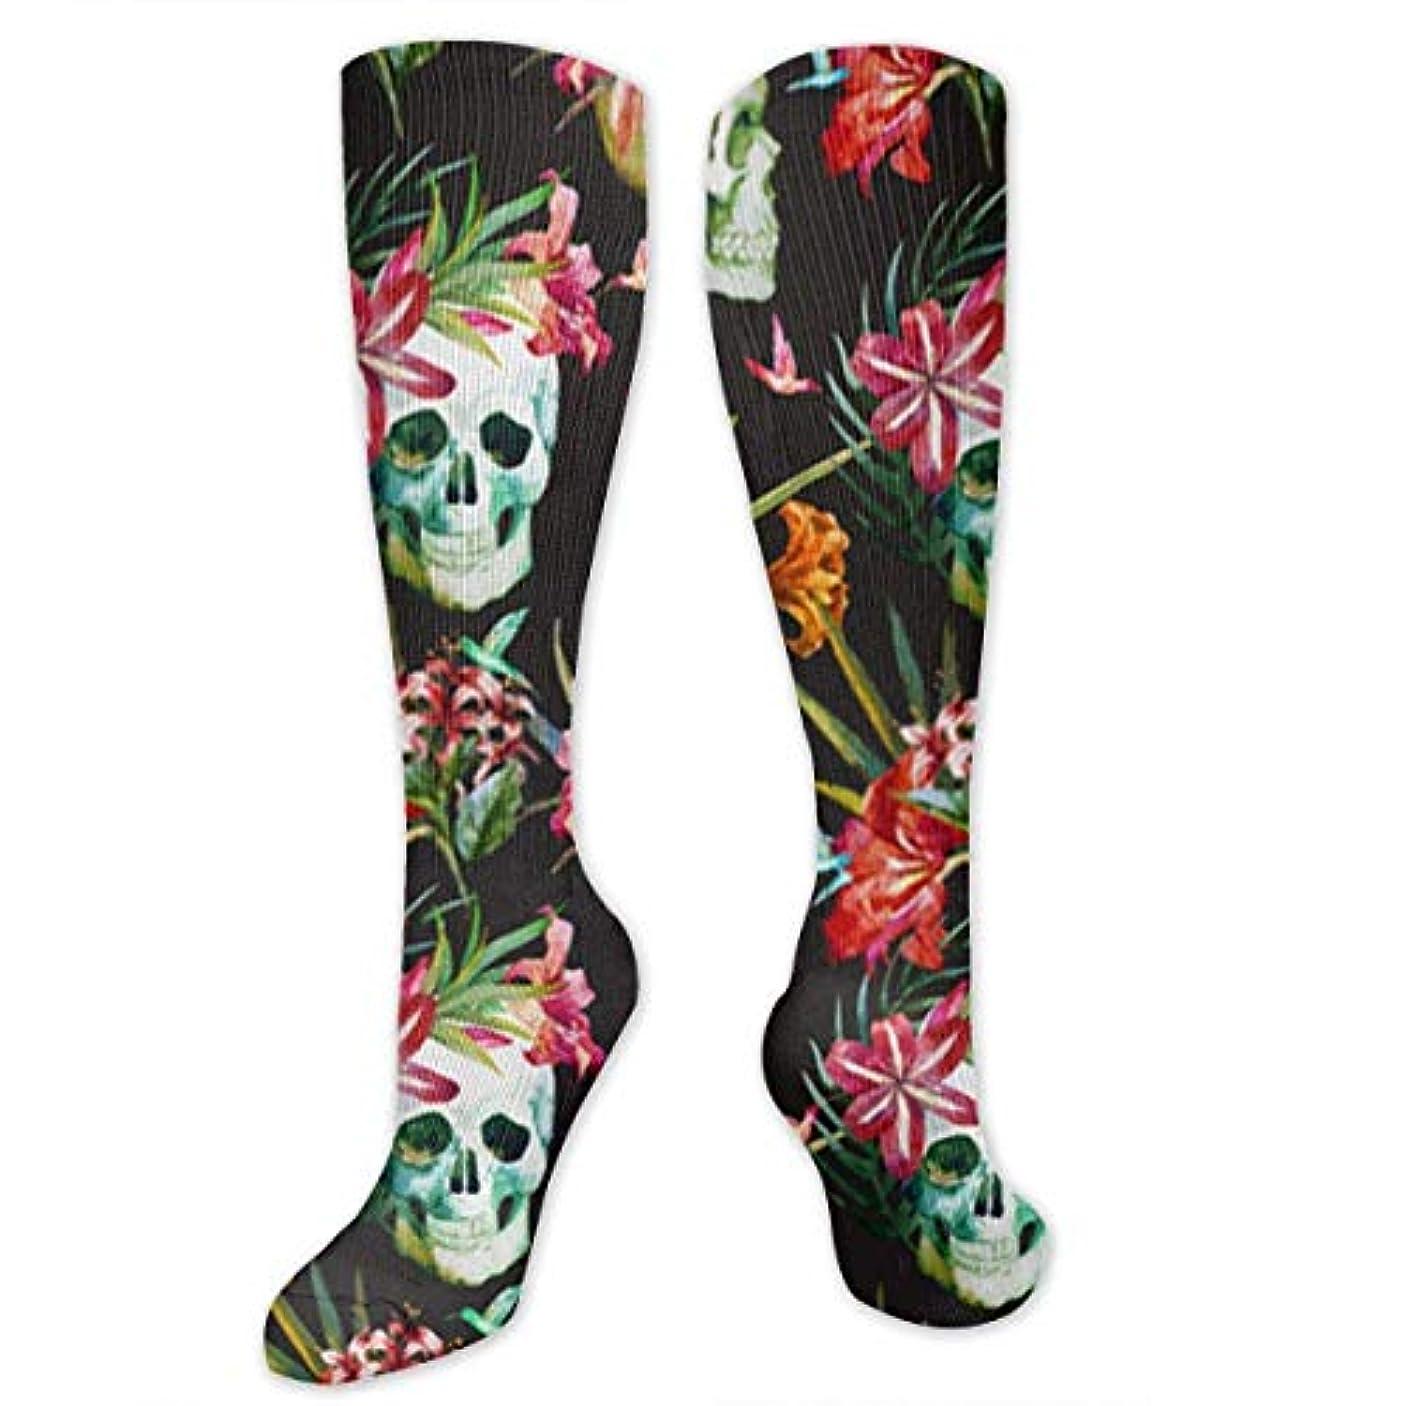 樫の木知る常に靴下,ストッキング,野生のジョーカー,実際,秋の本質,冬必須,サマーウェア&RBXAA Beautiful Watercolor Skulls Flowers Socks Women's Winter Cotton Long...